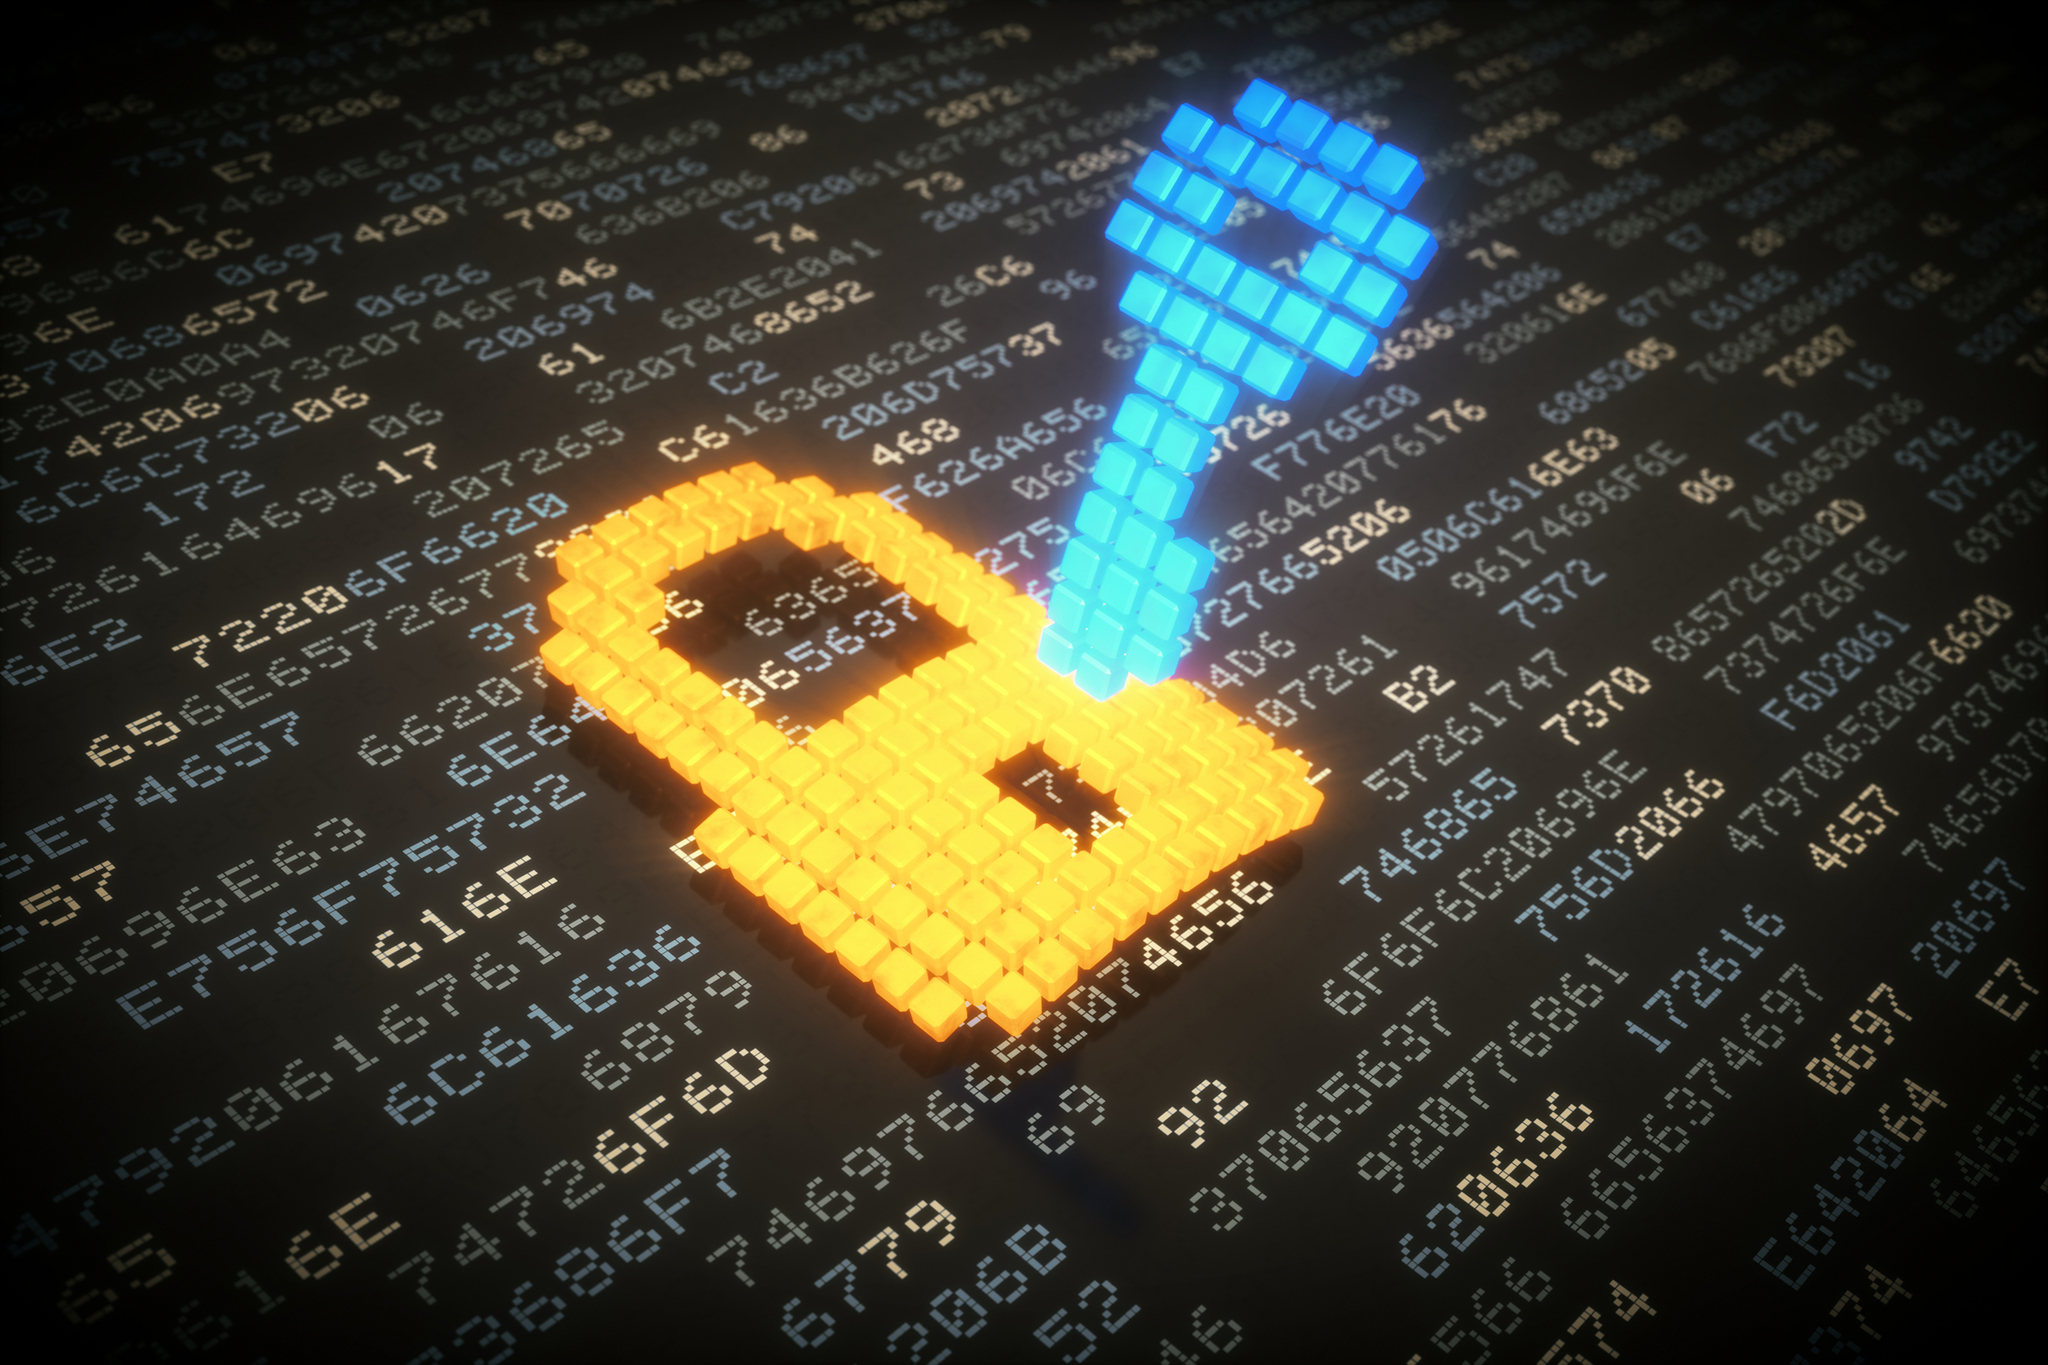 Cibersegurança | Multas podem chegar aos cinco milhões de patacas